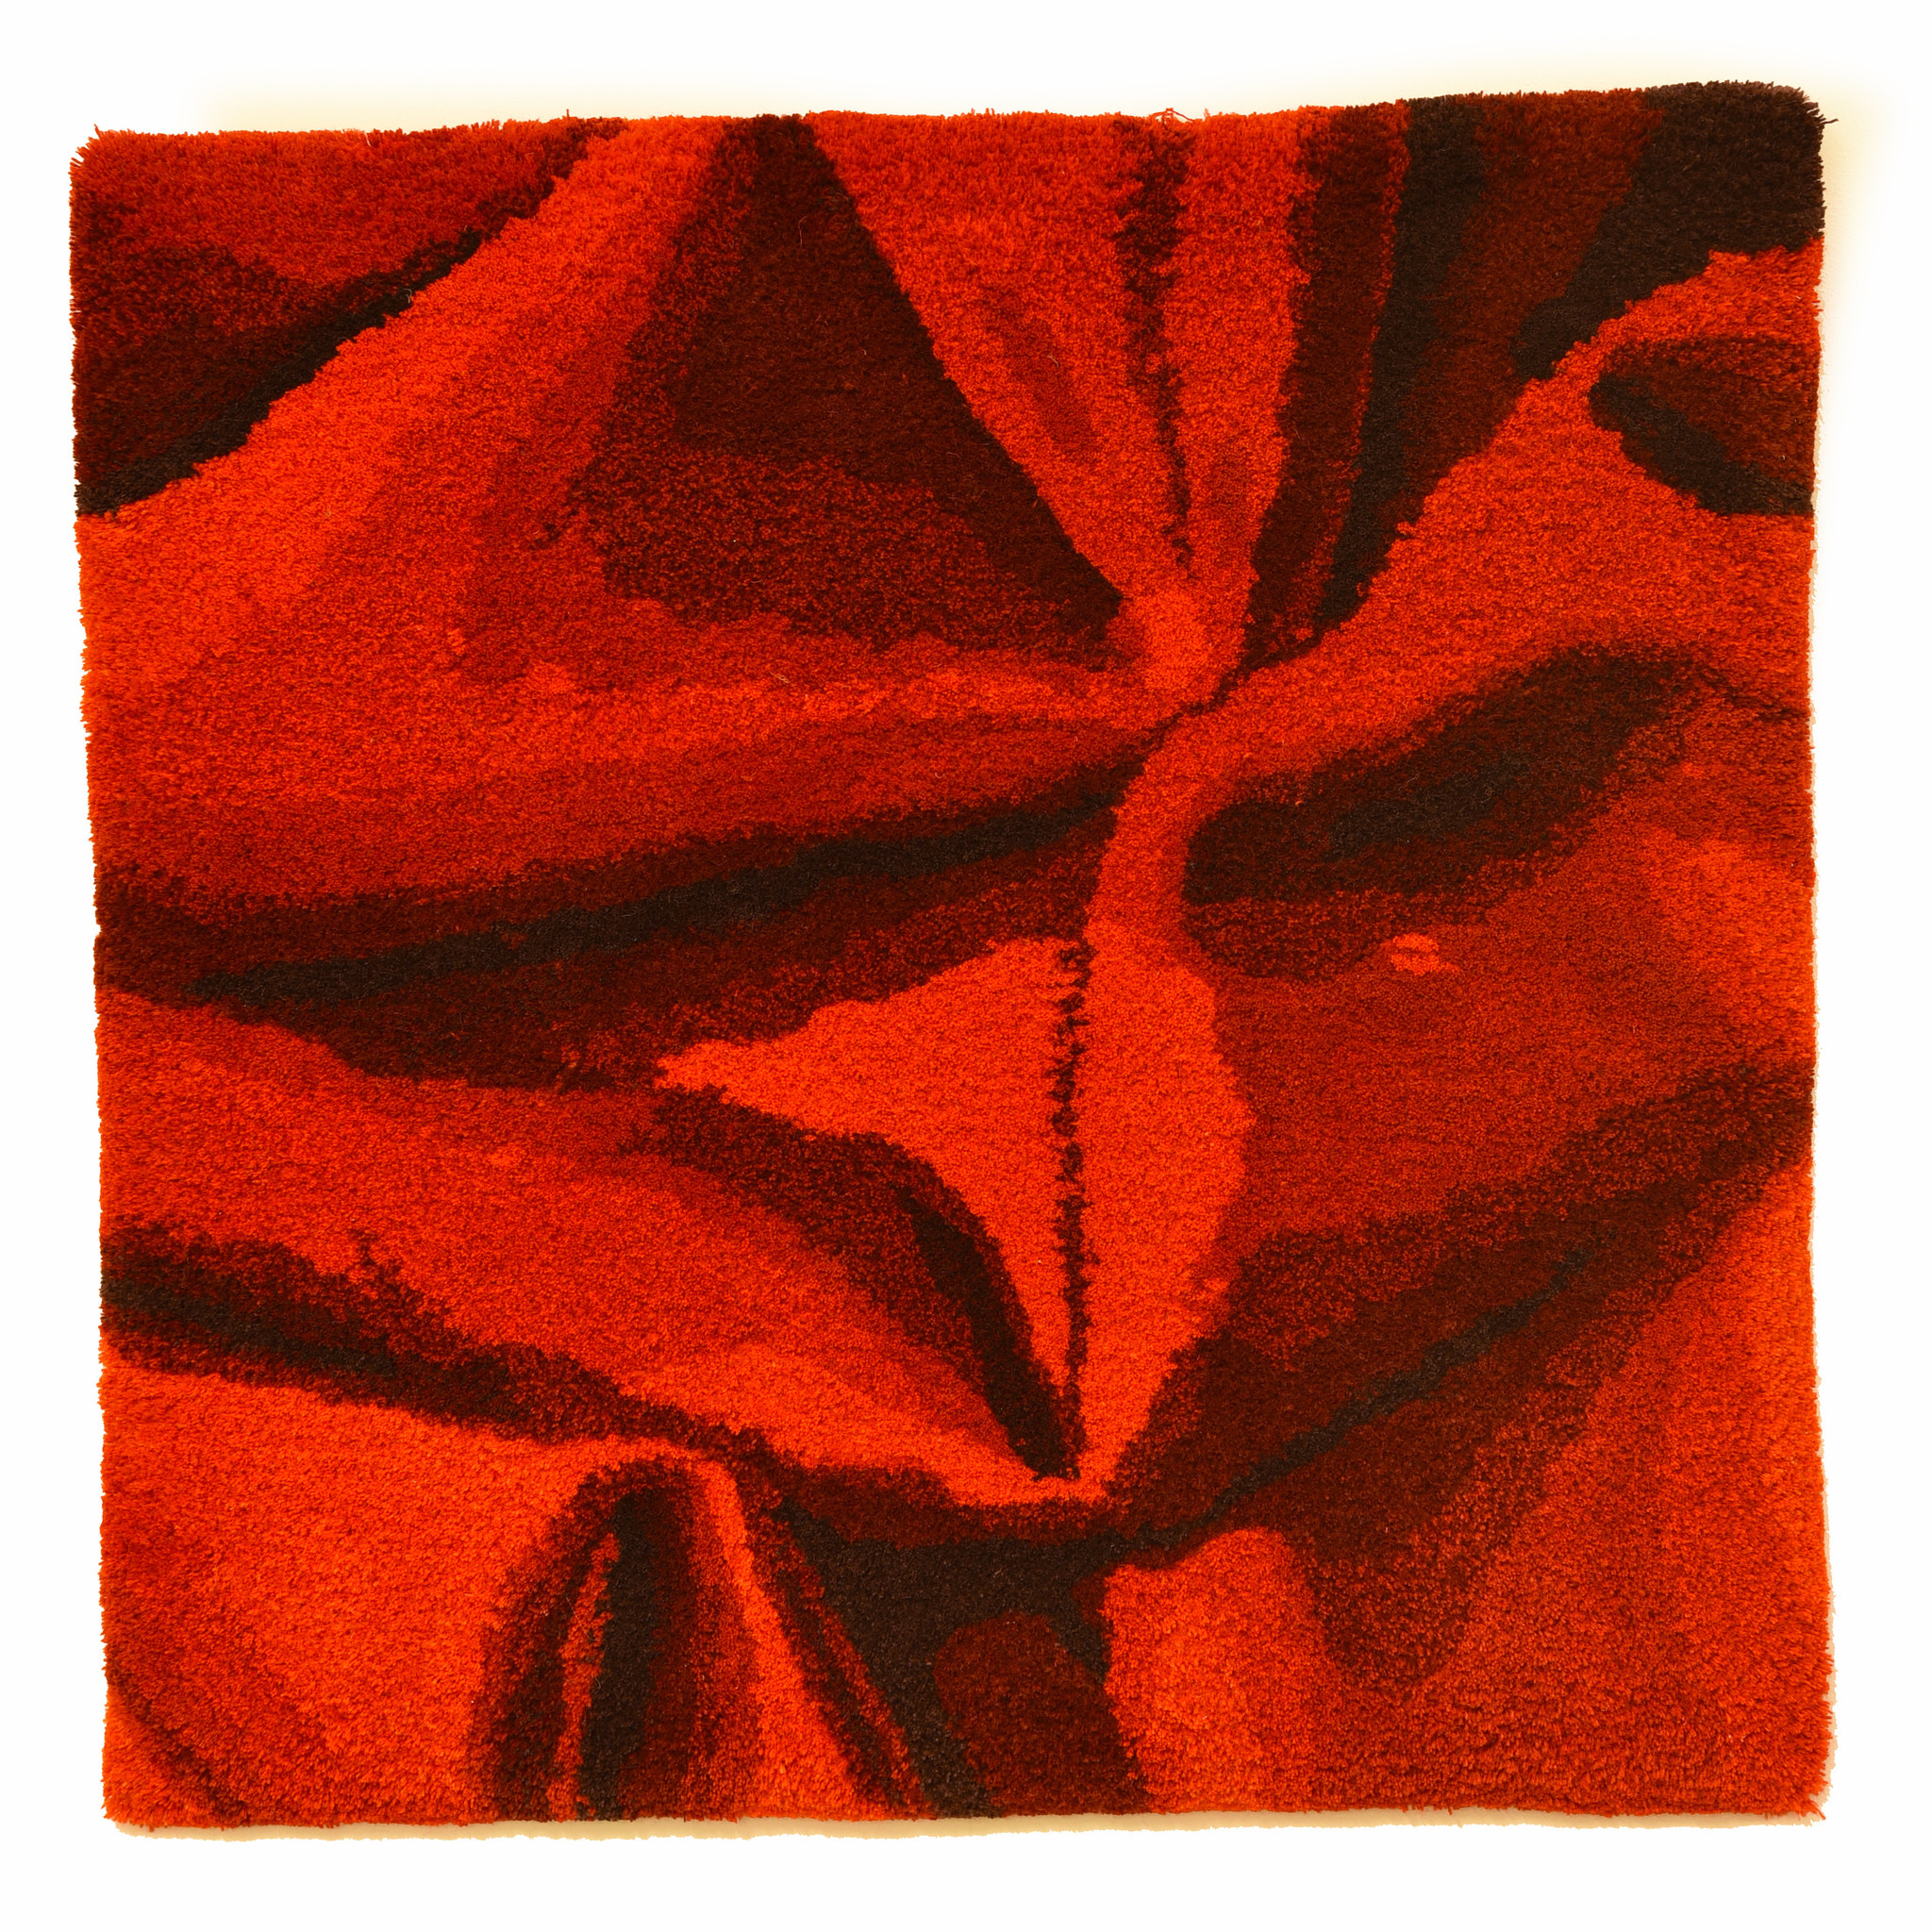 Vera Vermeersch Wandtapijt rood - Vera Vermeersch